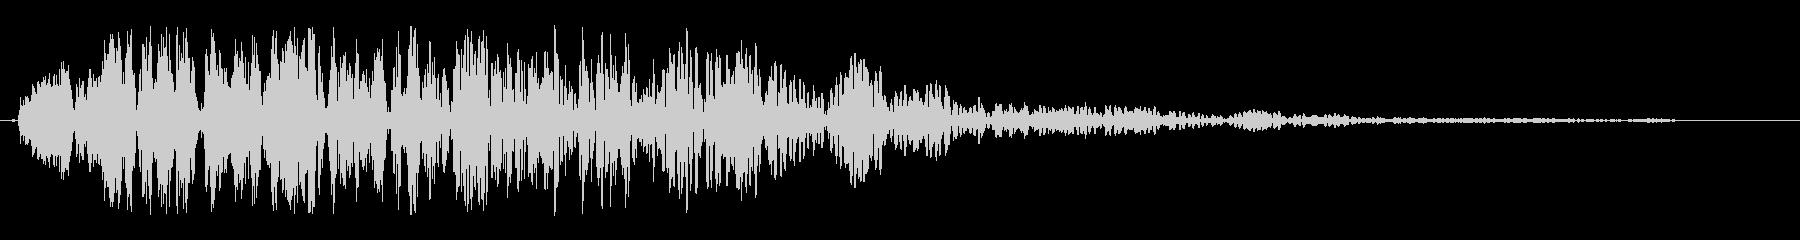 シャララー(ダメージを受けた時の効果音)の未再生の波形